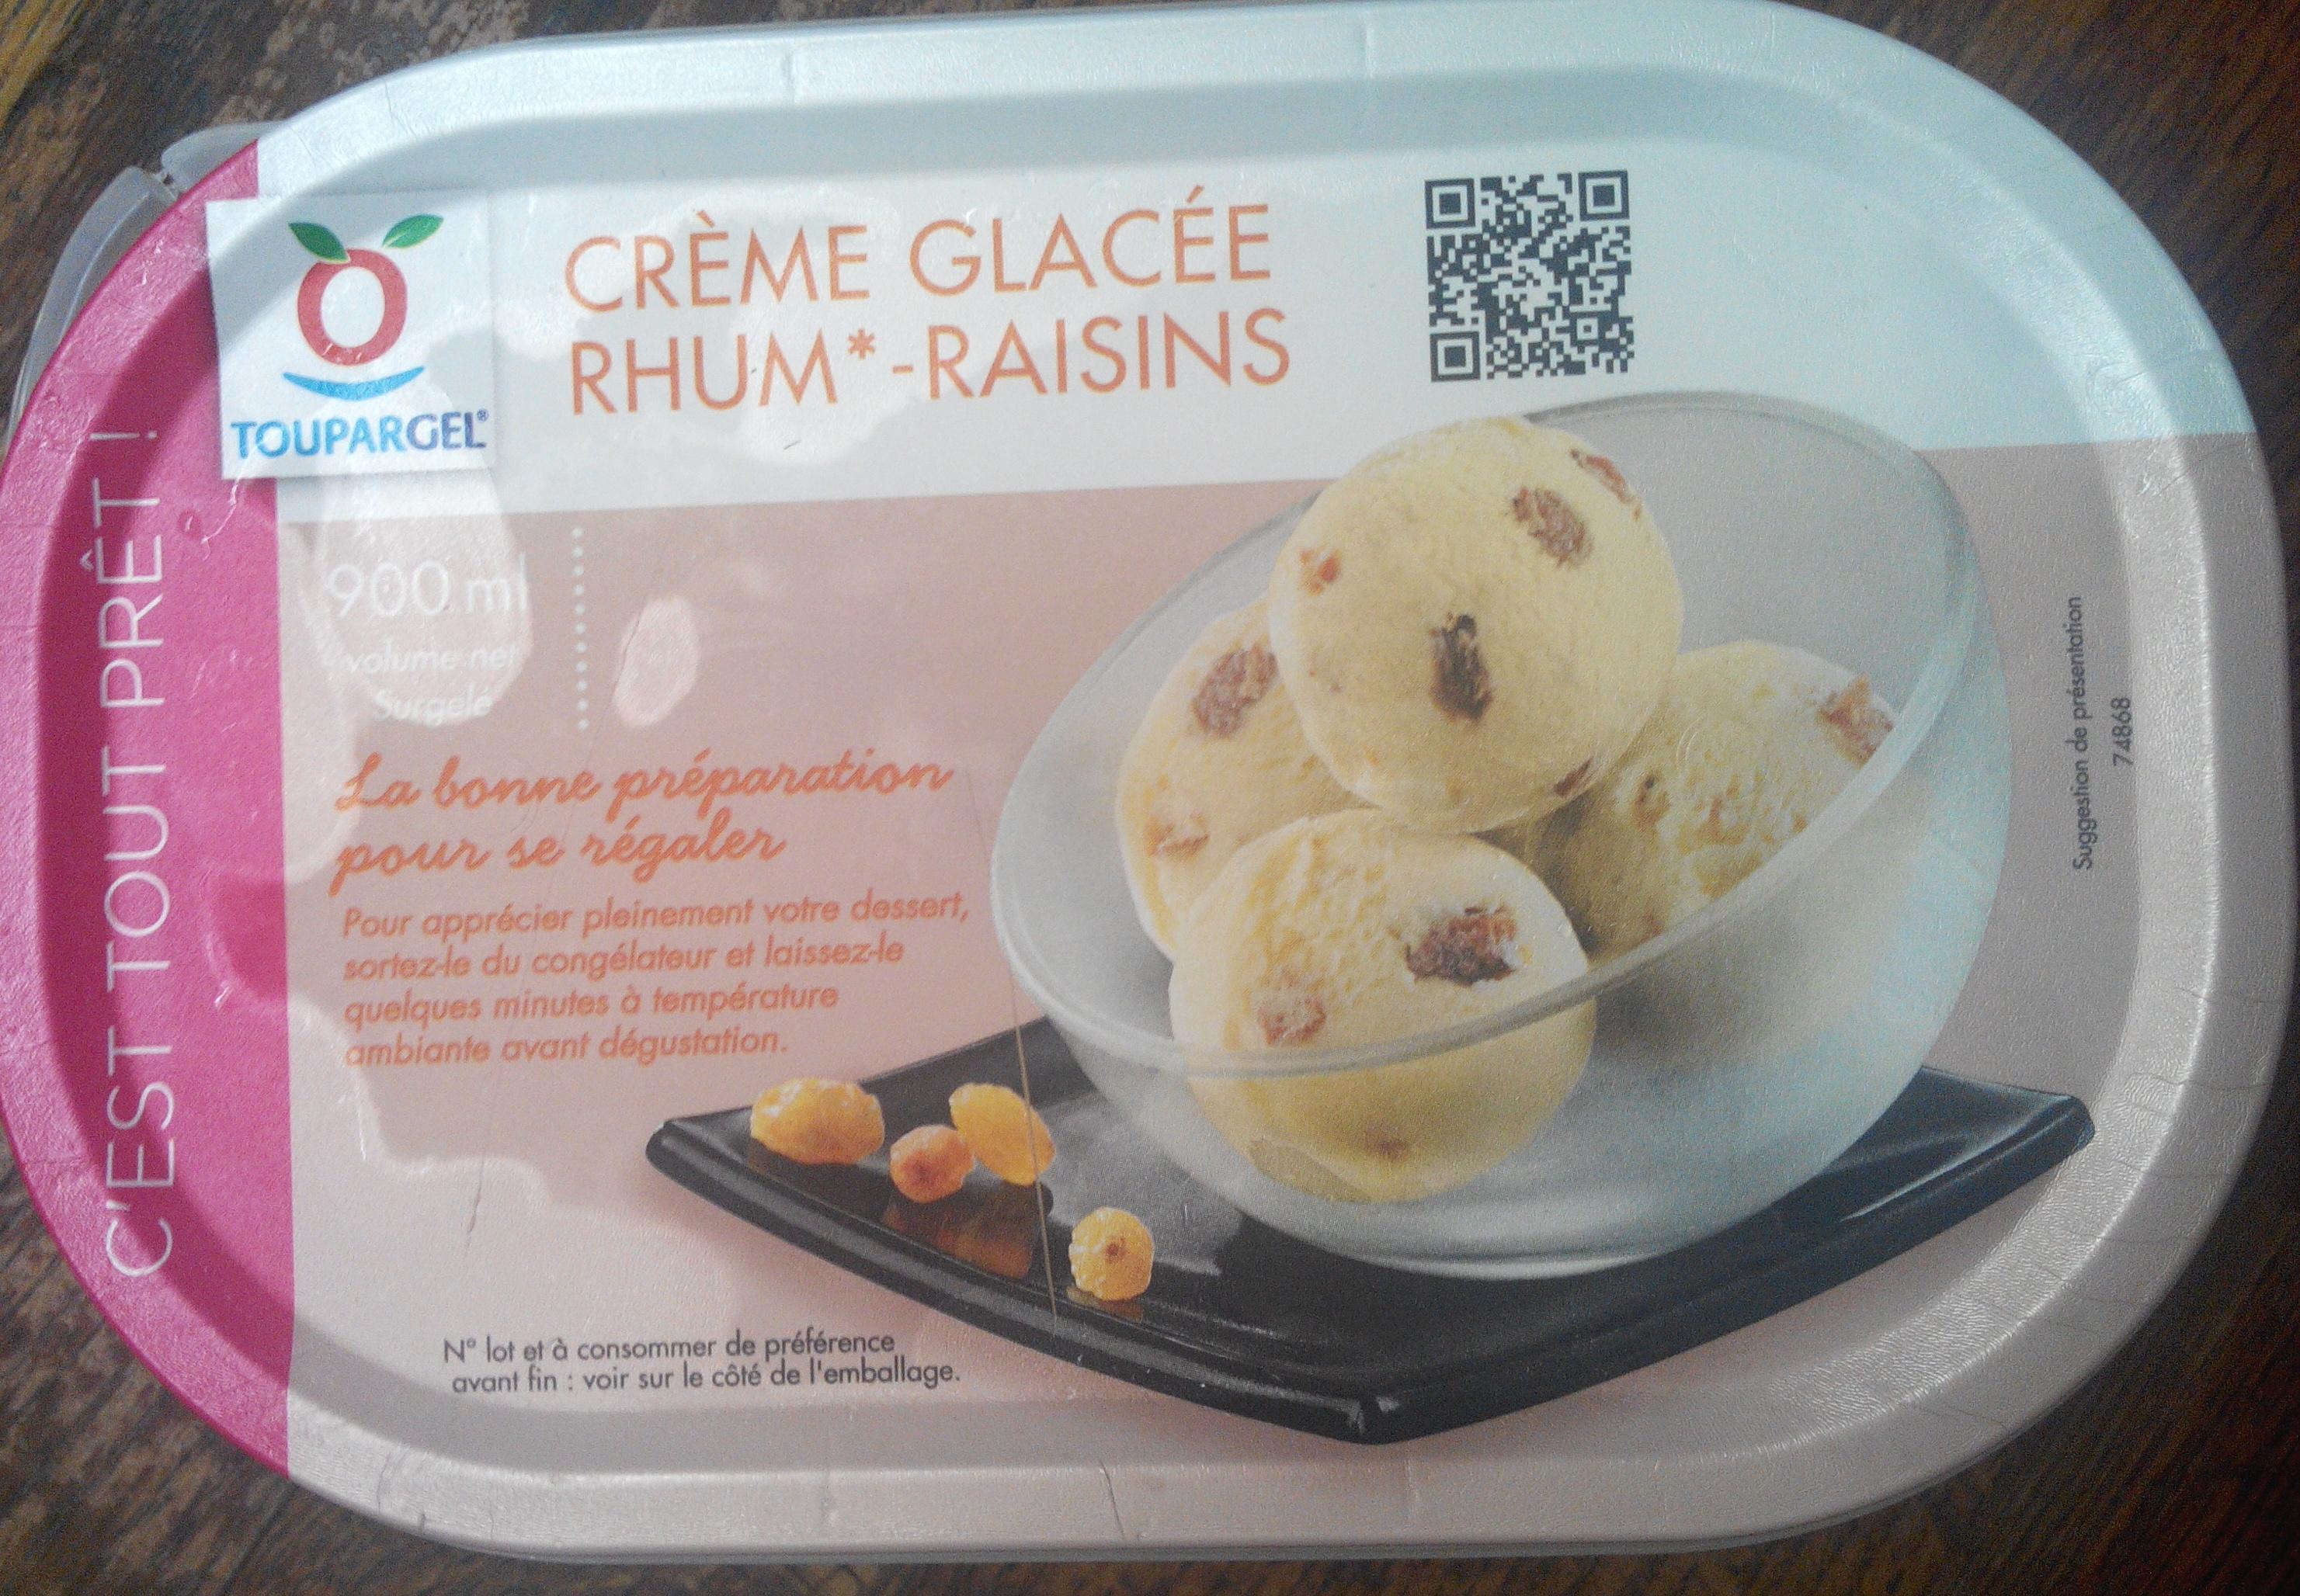 Crème glacée rhum-raisins - Produit